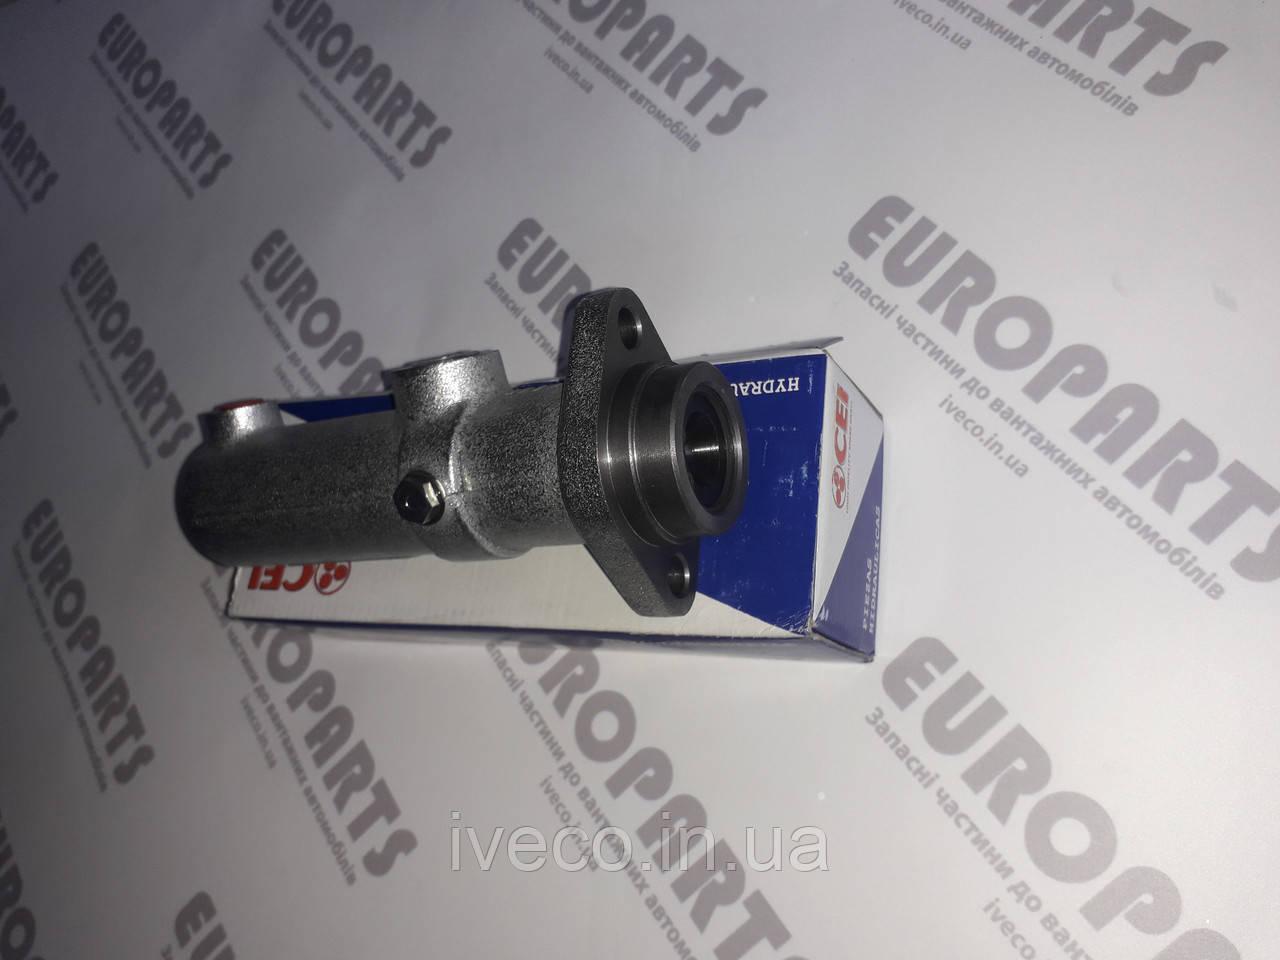 Главный тормозной цилиндр 31,75мм Iveco Eurocargo Ивеко Еврокарго 4804129  580.017 CEI - Италия